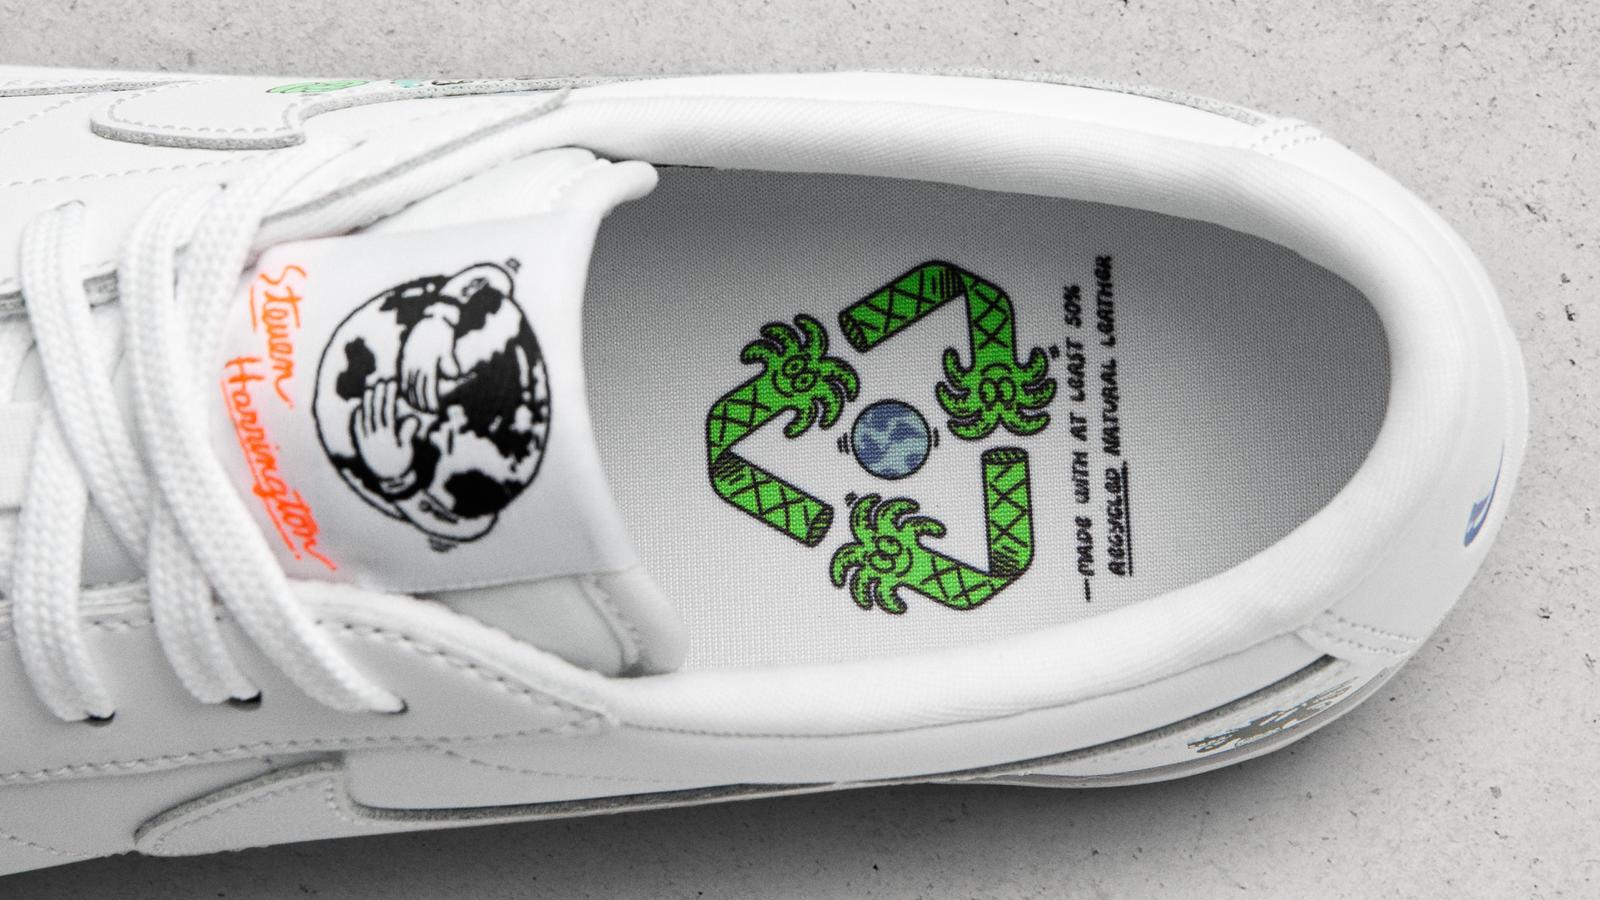 Nike Sustainable Footwear Spring 2019